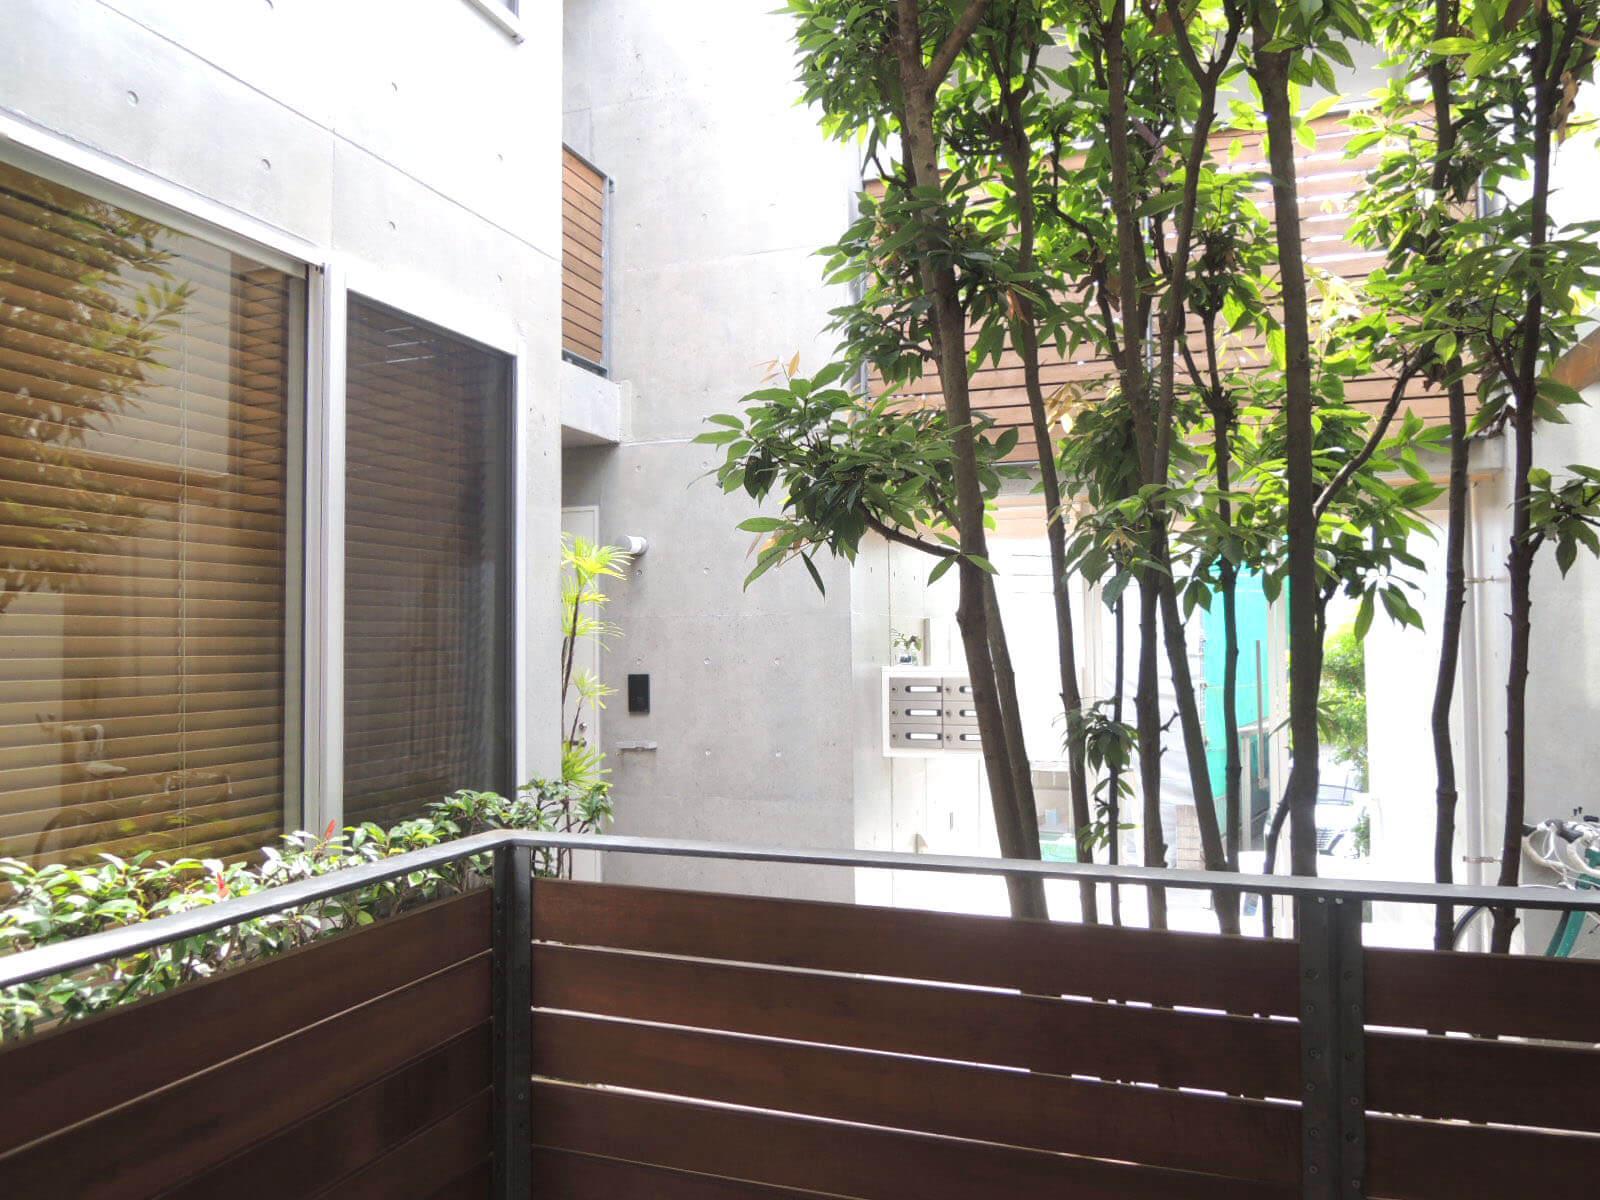 木製の目隠しとシンボルツリー、コンクリートの組合せが美しい窓辺